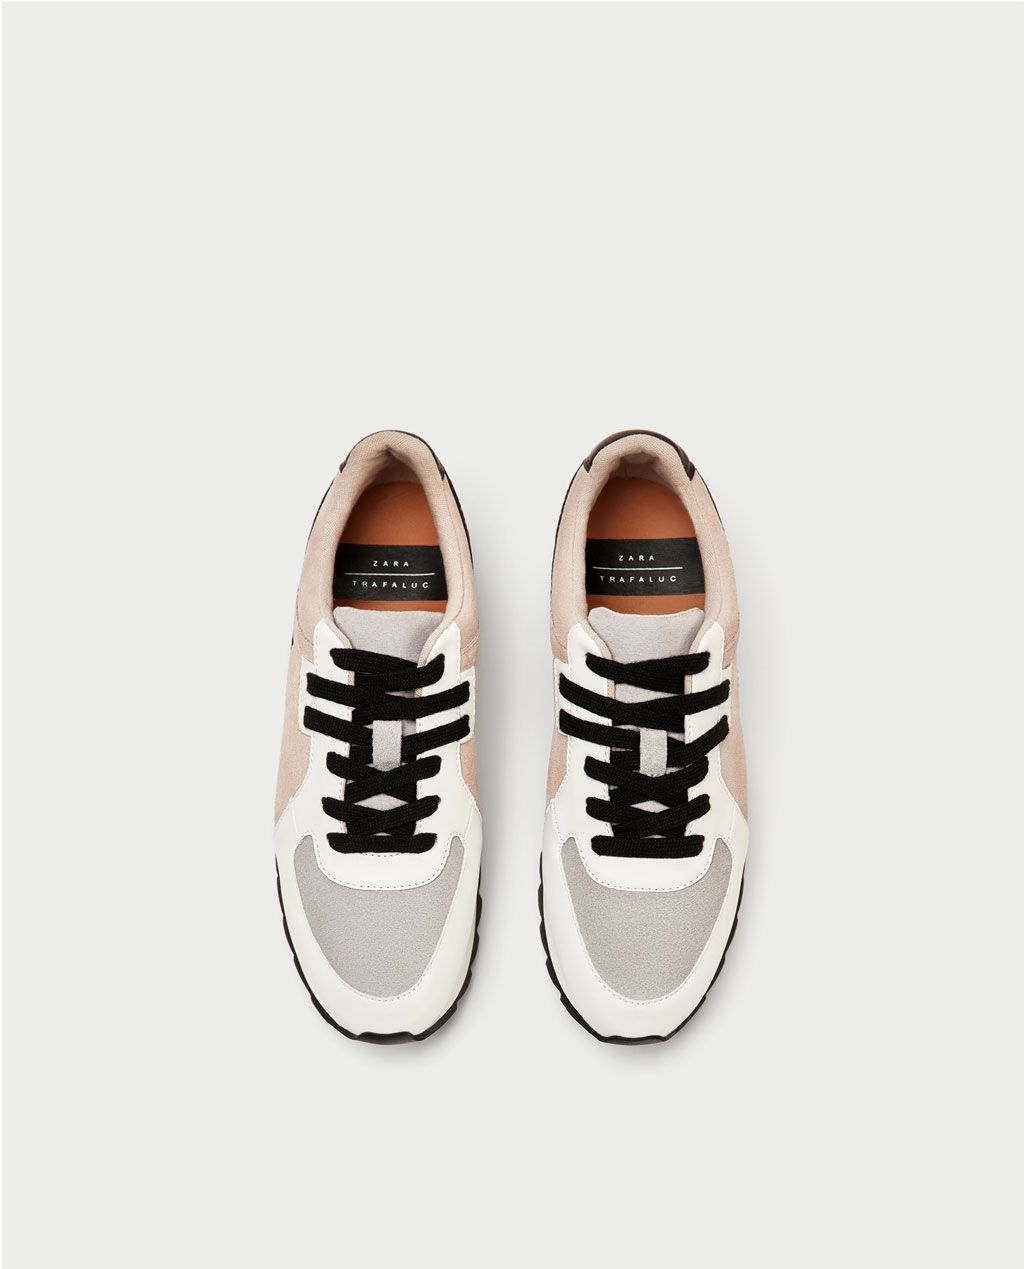 Mujer Zapatos Ver Zara Combinado Todo Plataforma Piel Deportivo D29HIE